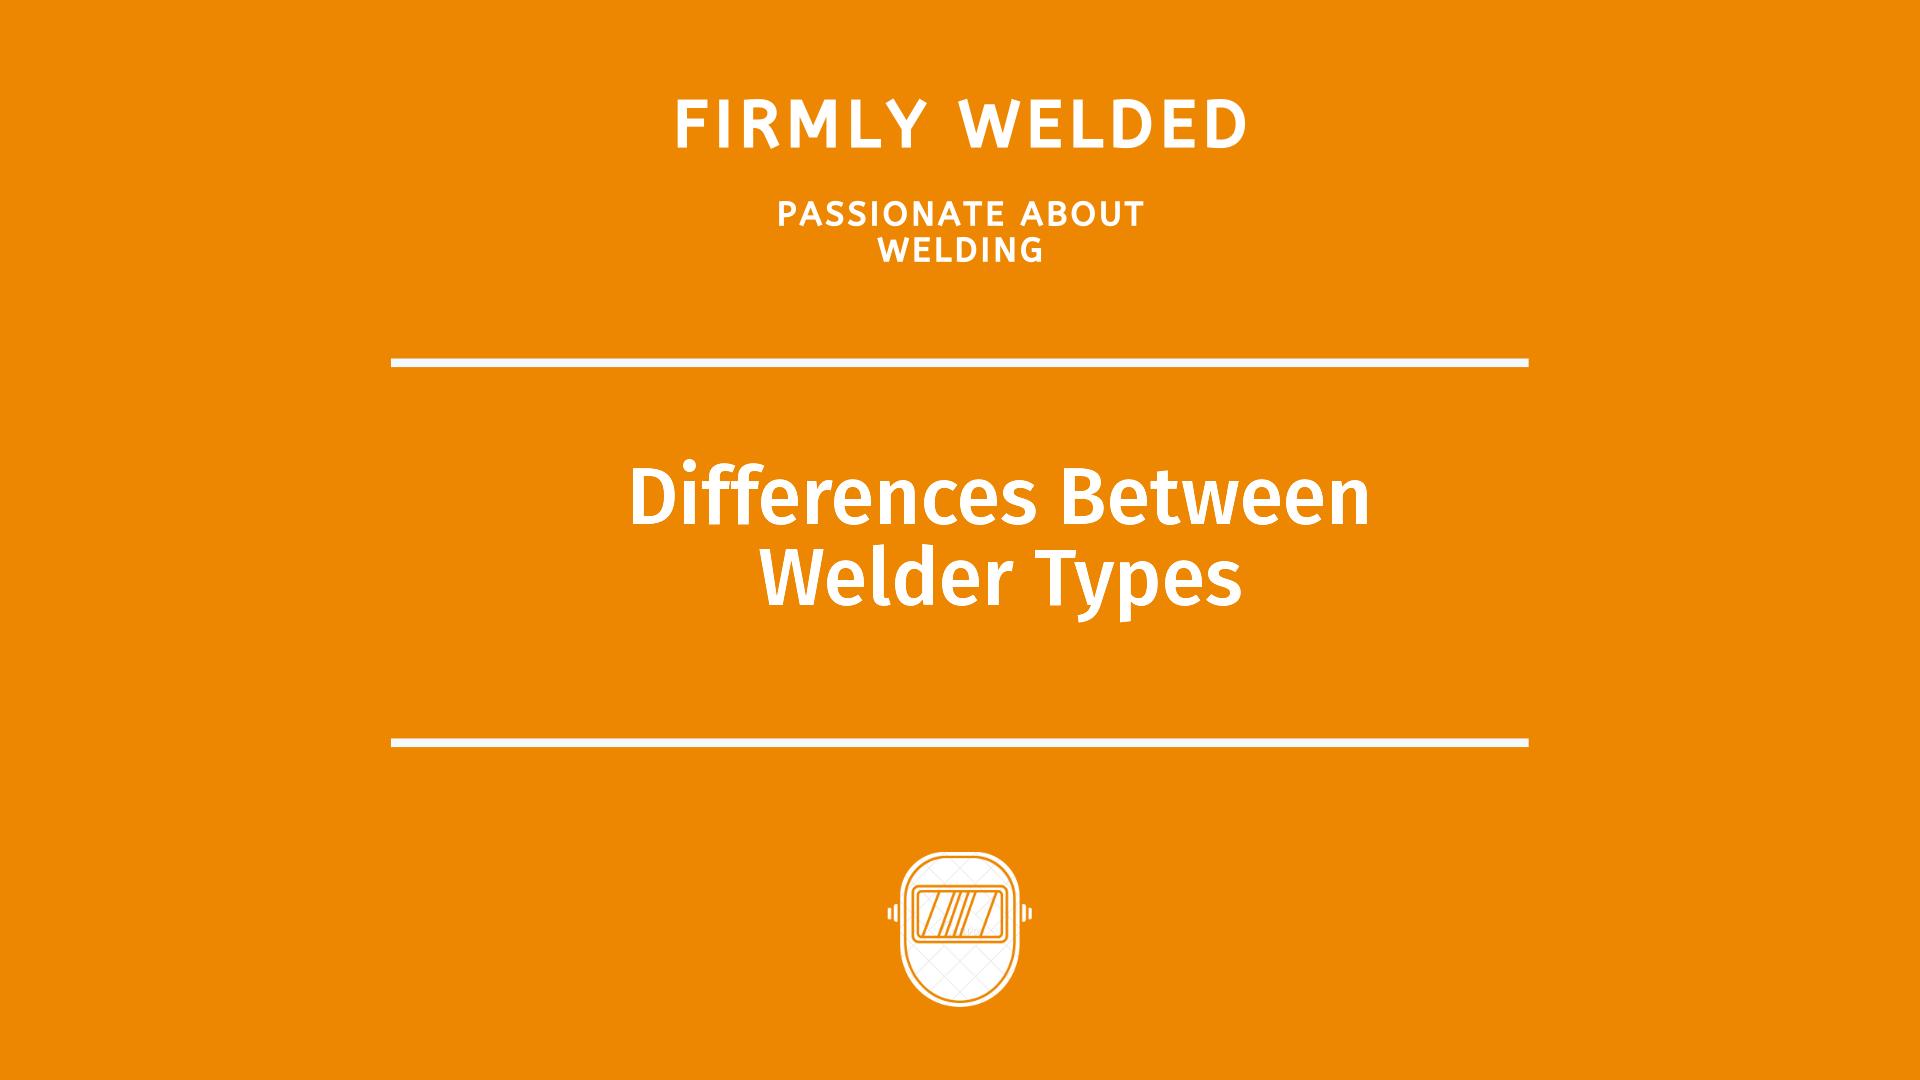 Differences Between Welder Types